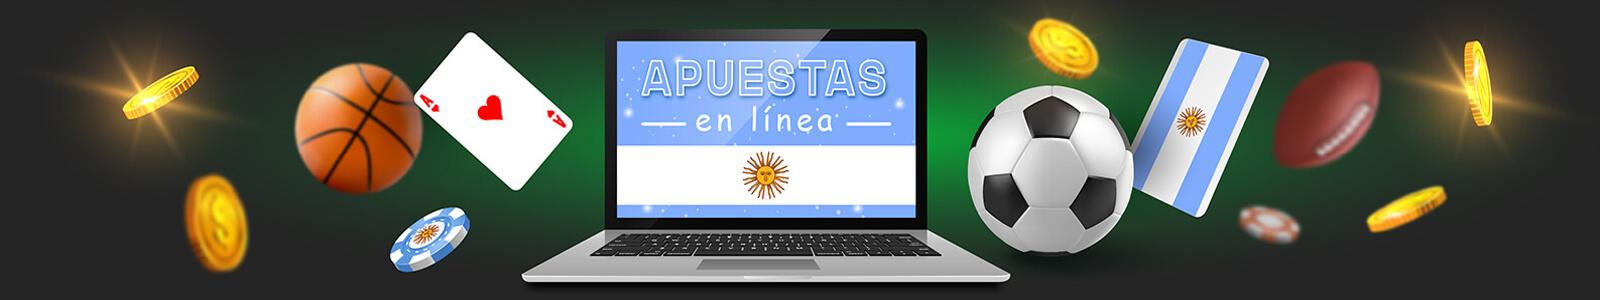 Apuestas deportivas online en Argentina